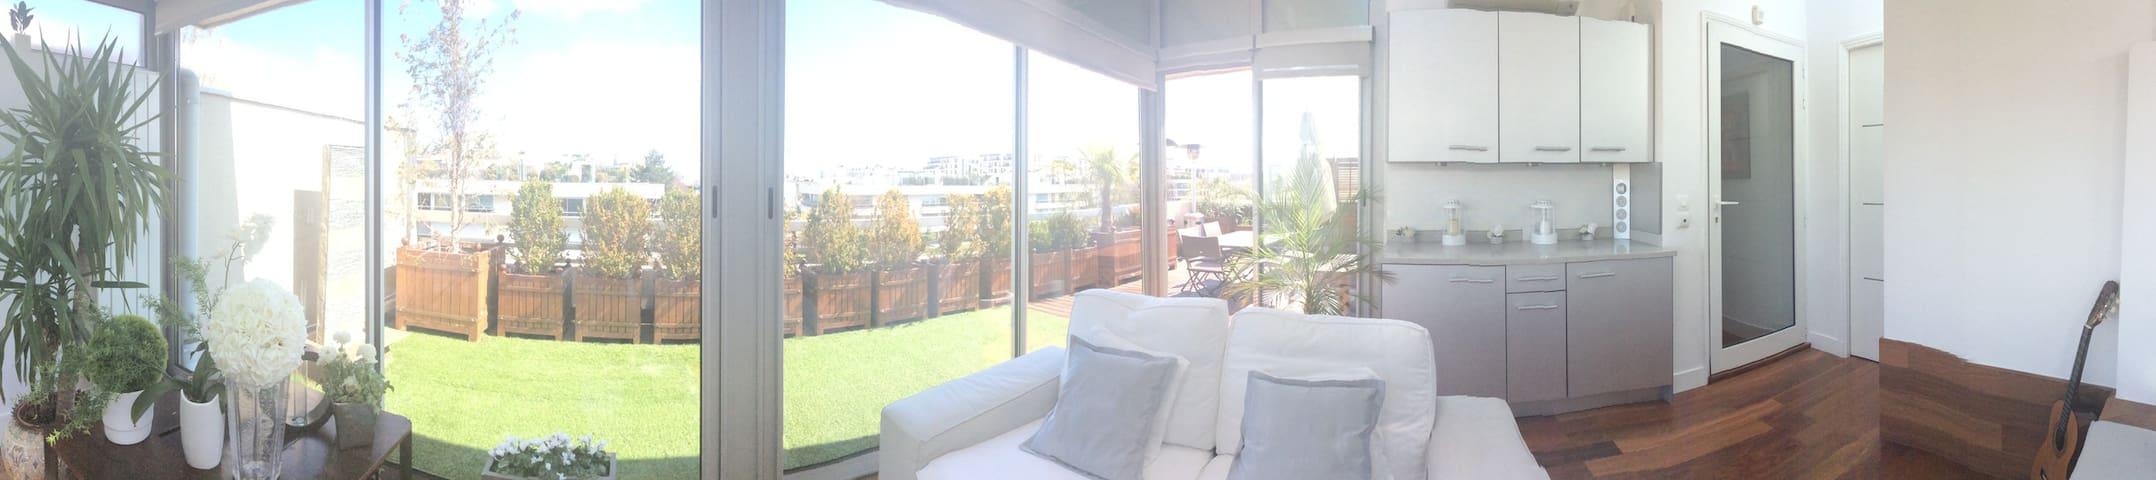 Roland Garros, Superbe duplex, Terrasse, Parking - Boulogne-Billancourt - Flat